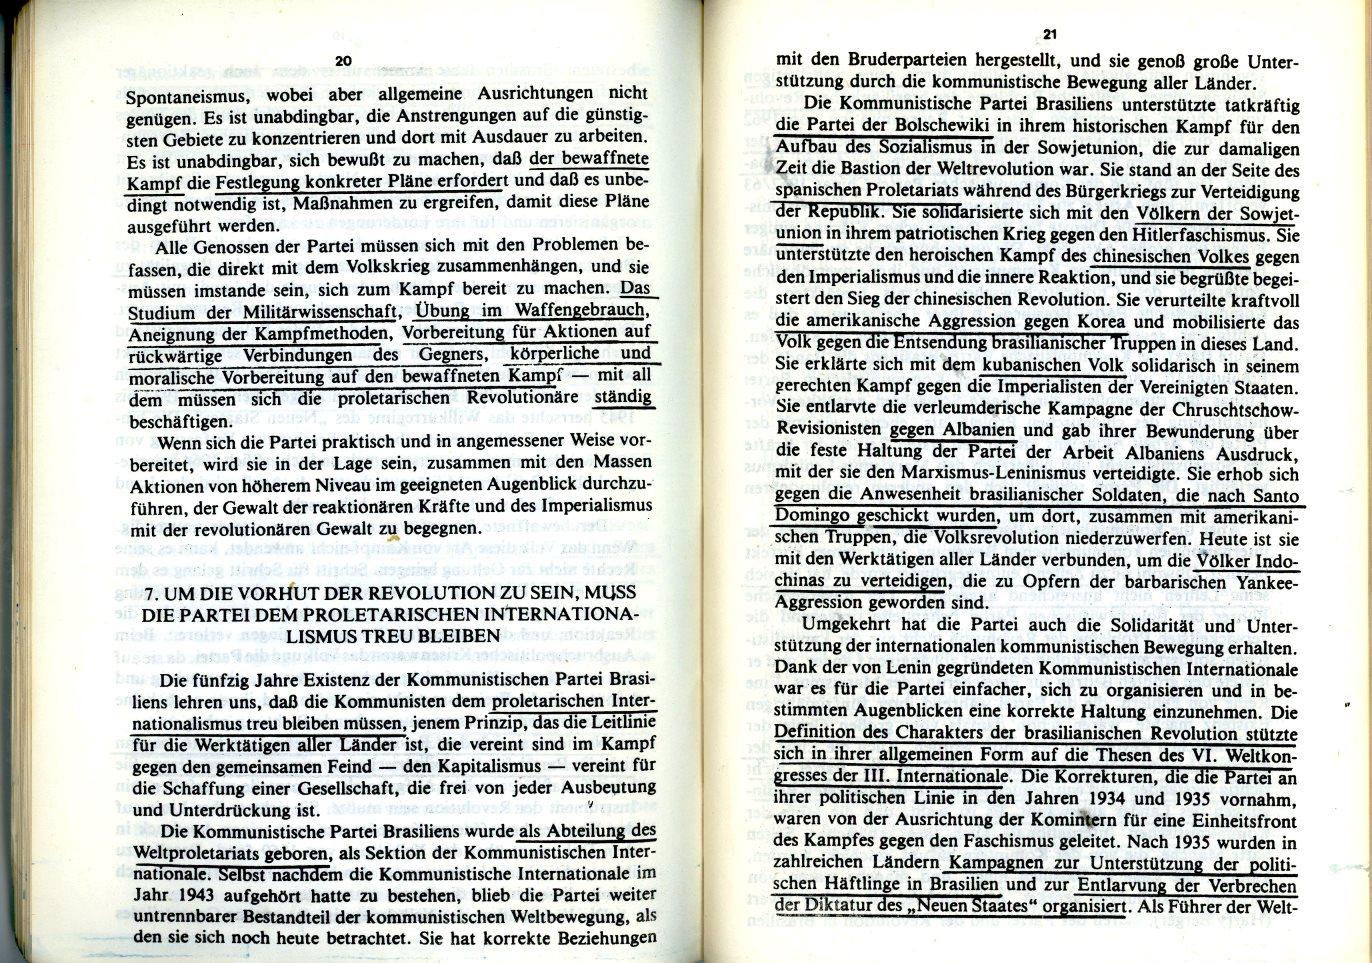 MLSK_Theorie_und_Praxis_des_ML_1978_20_19